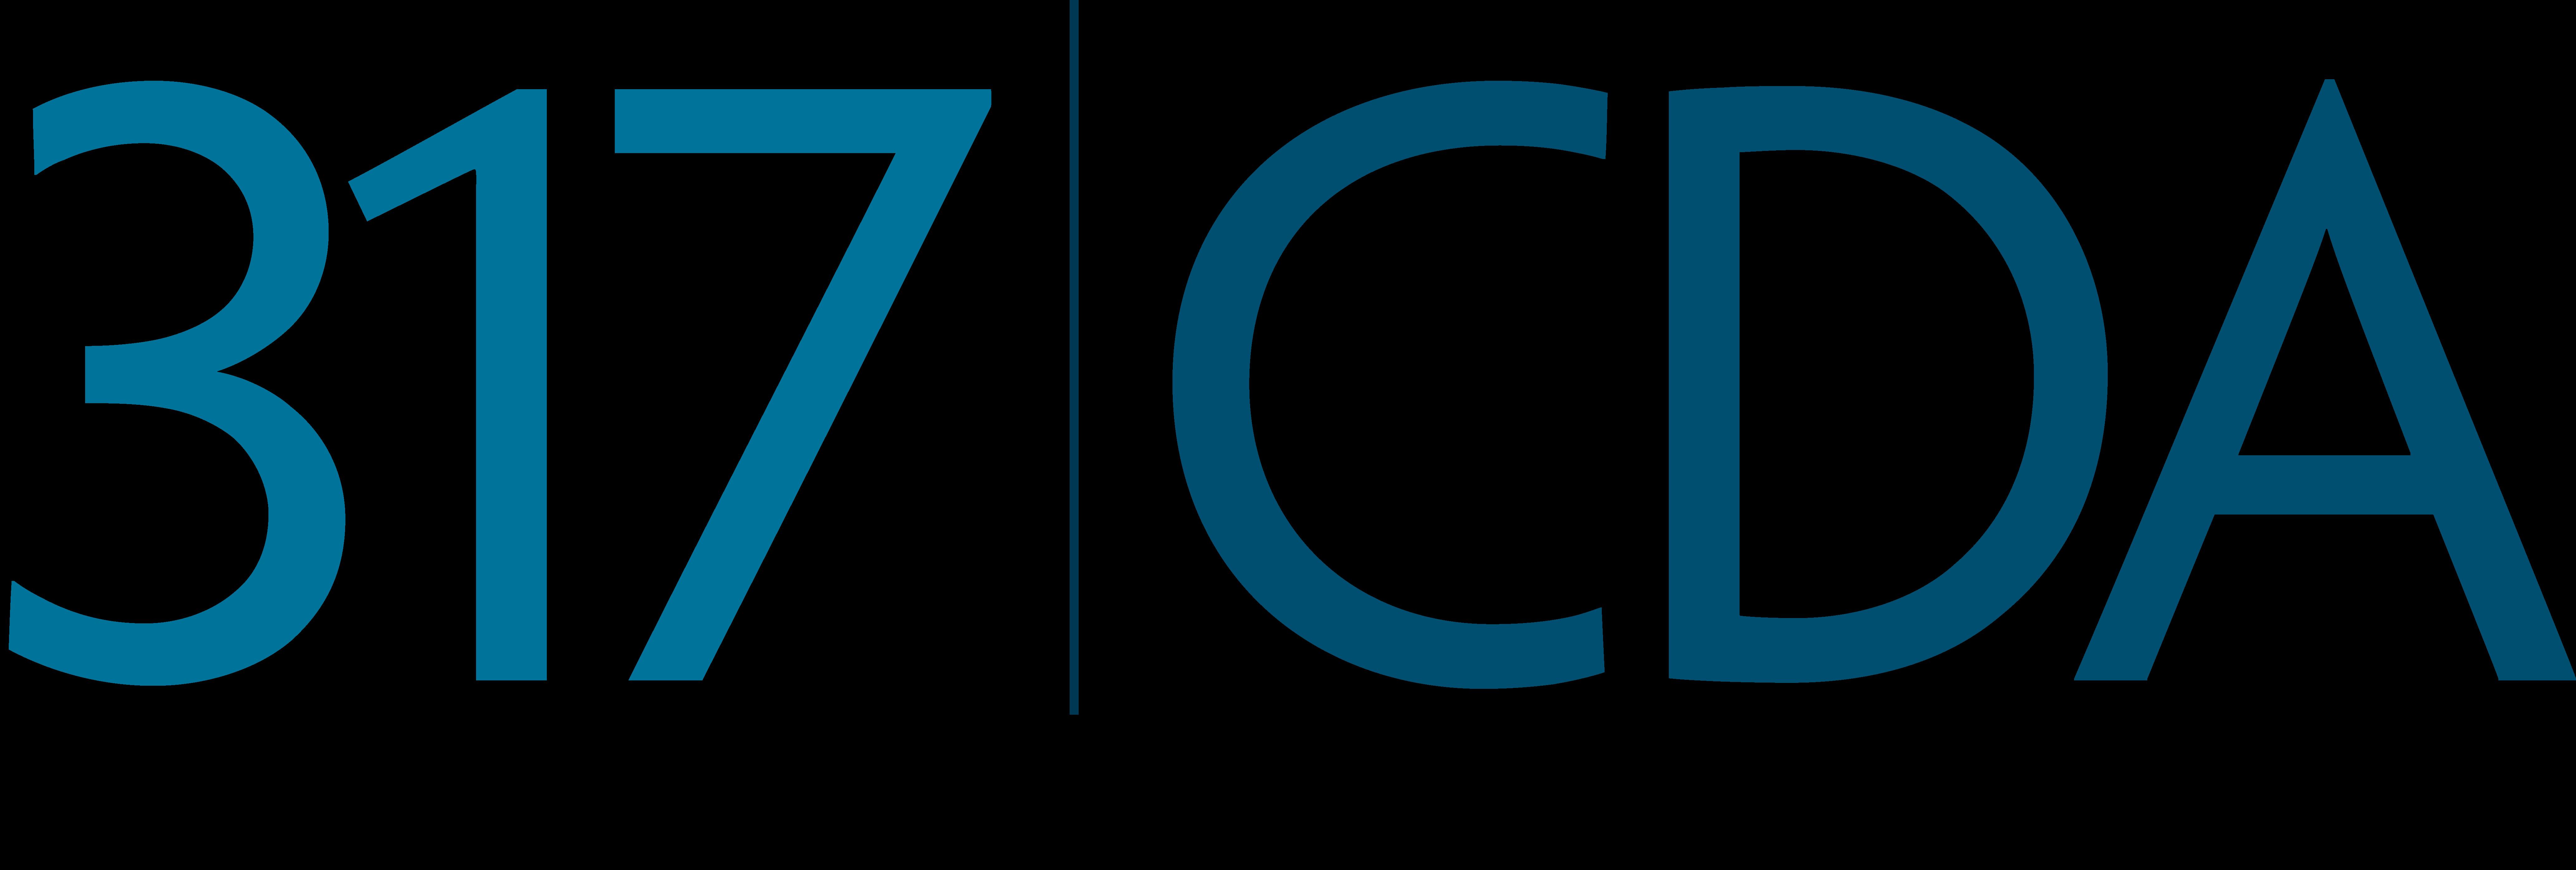 317 CDA Apartments